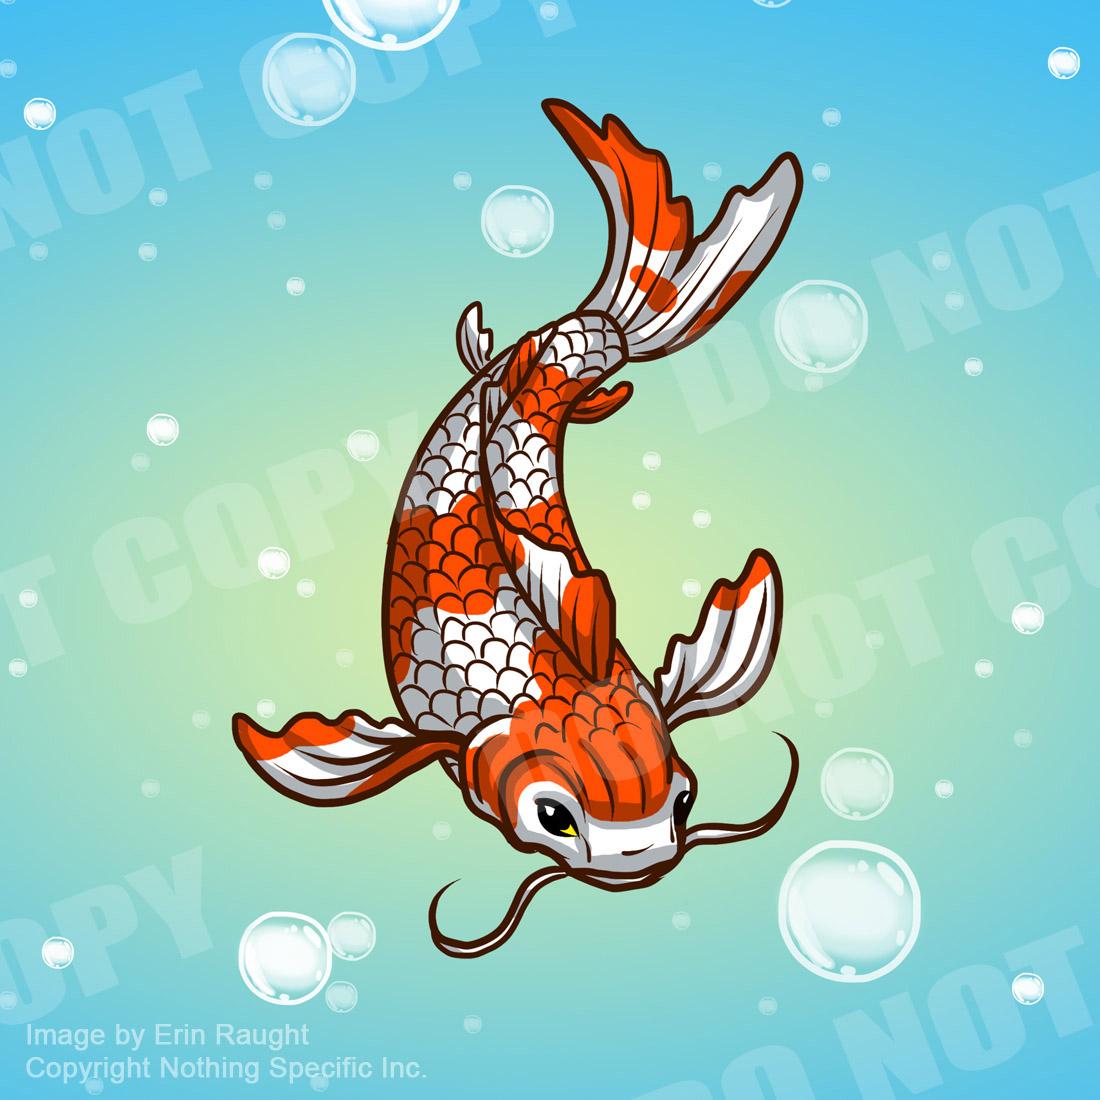 7178 - Koi Fish - Japanese - Chinese.jpg